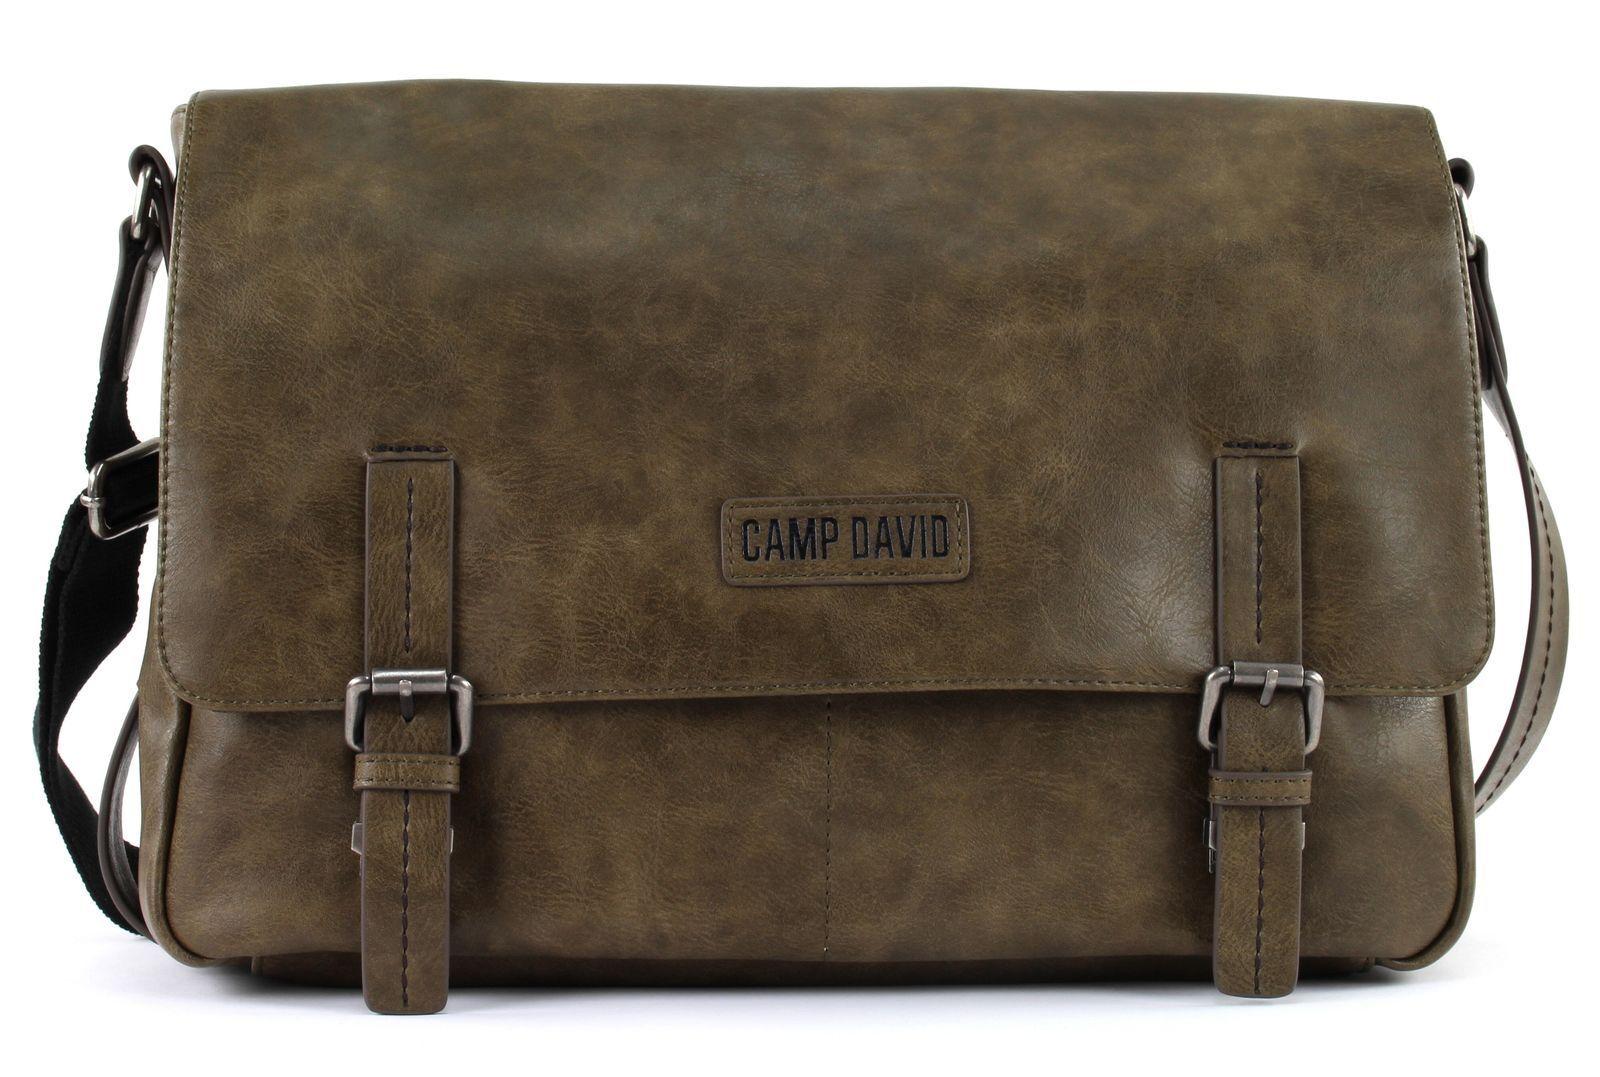 CAMP DAVID Mount Bear Messengerbag Umhängetasche Tasche Khaki Braun Neu | Lebhaft  | Good Design  | Neuer Stil